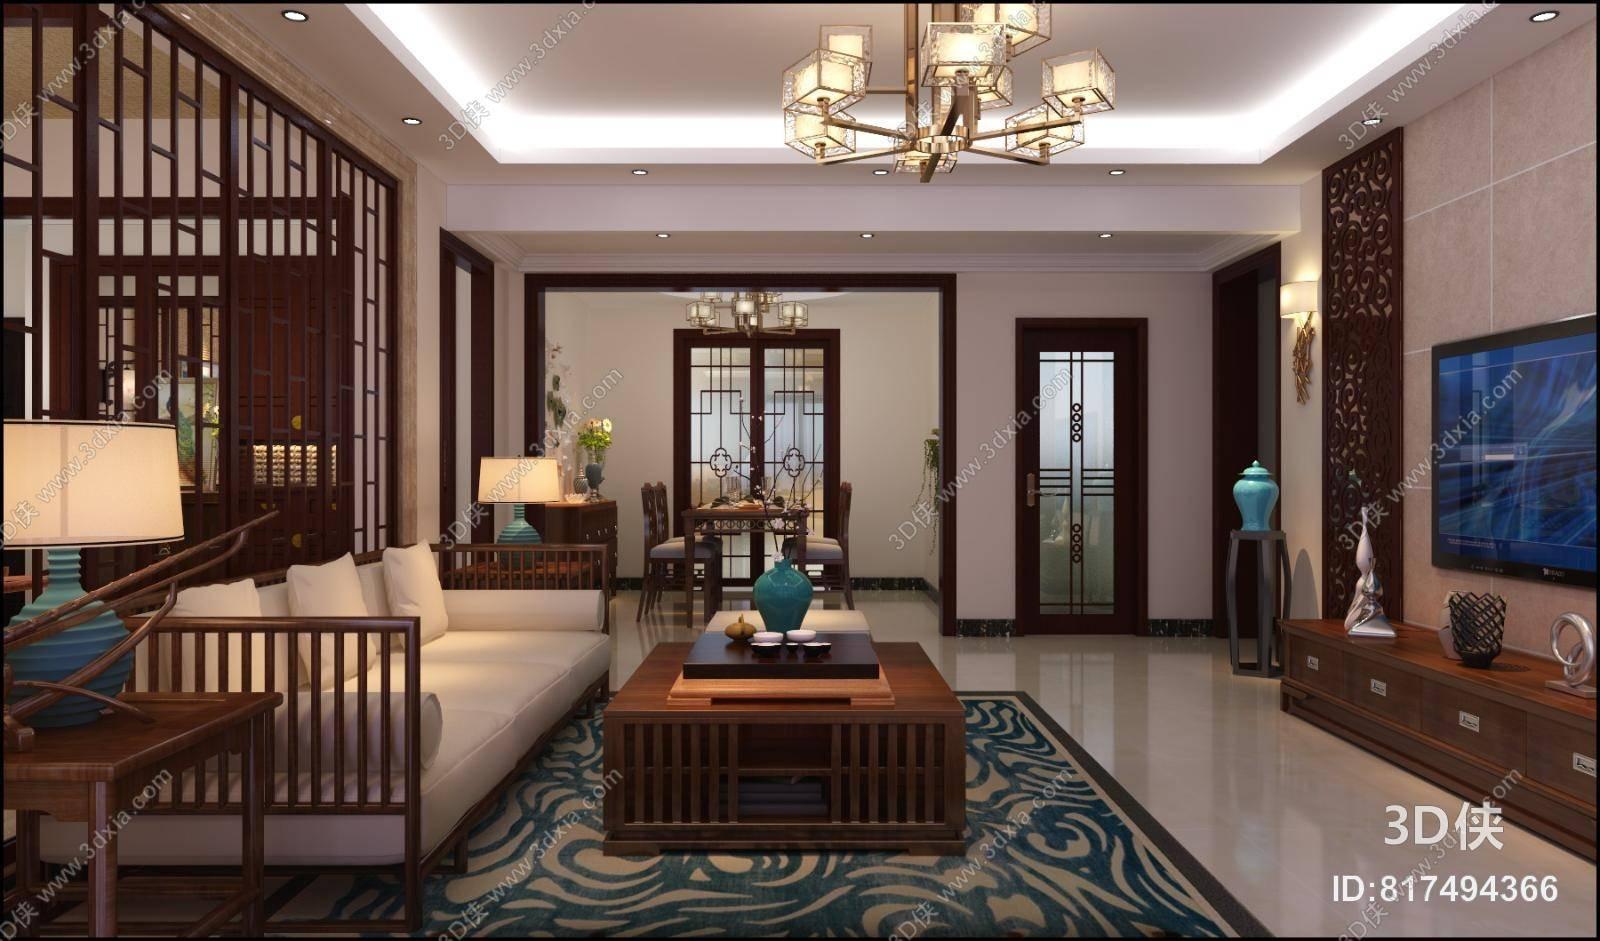 新中式客餐厅 新中式棕色木艺沙发茶几组合 新中式布艺脚凳 新中式图片